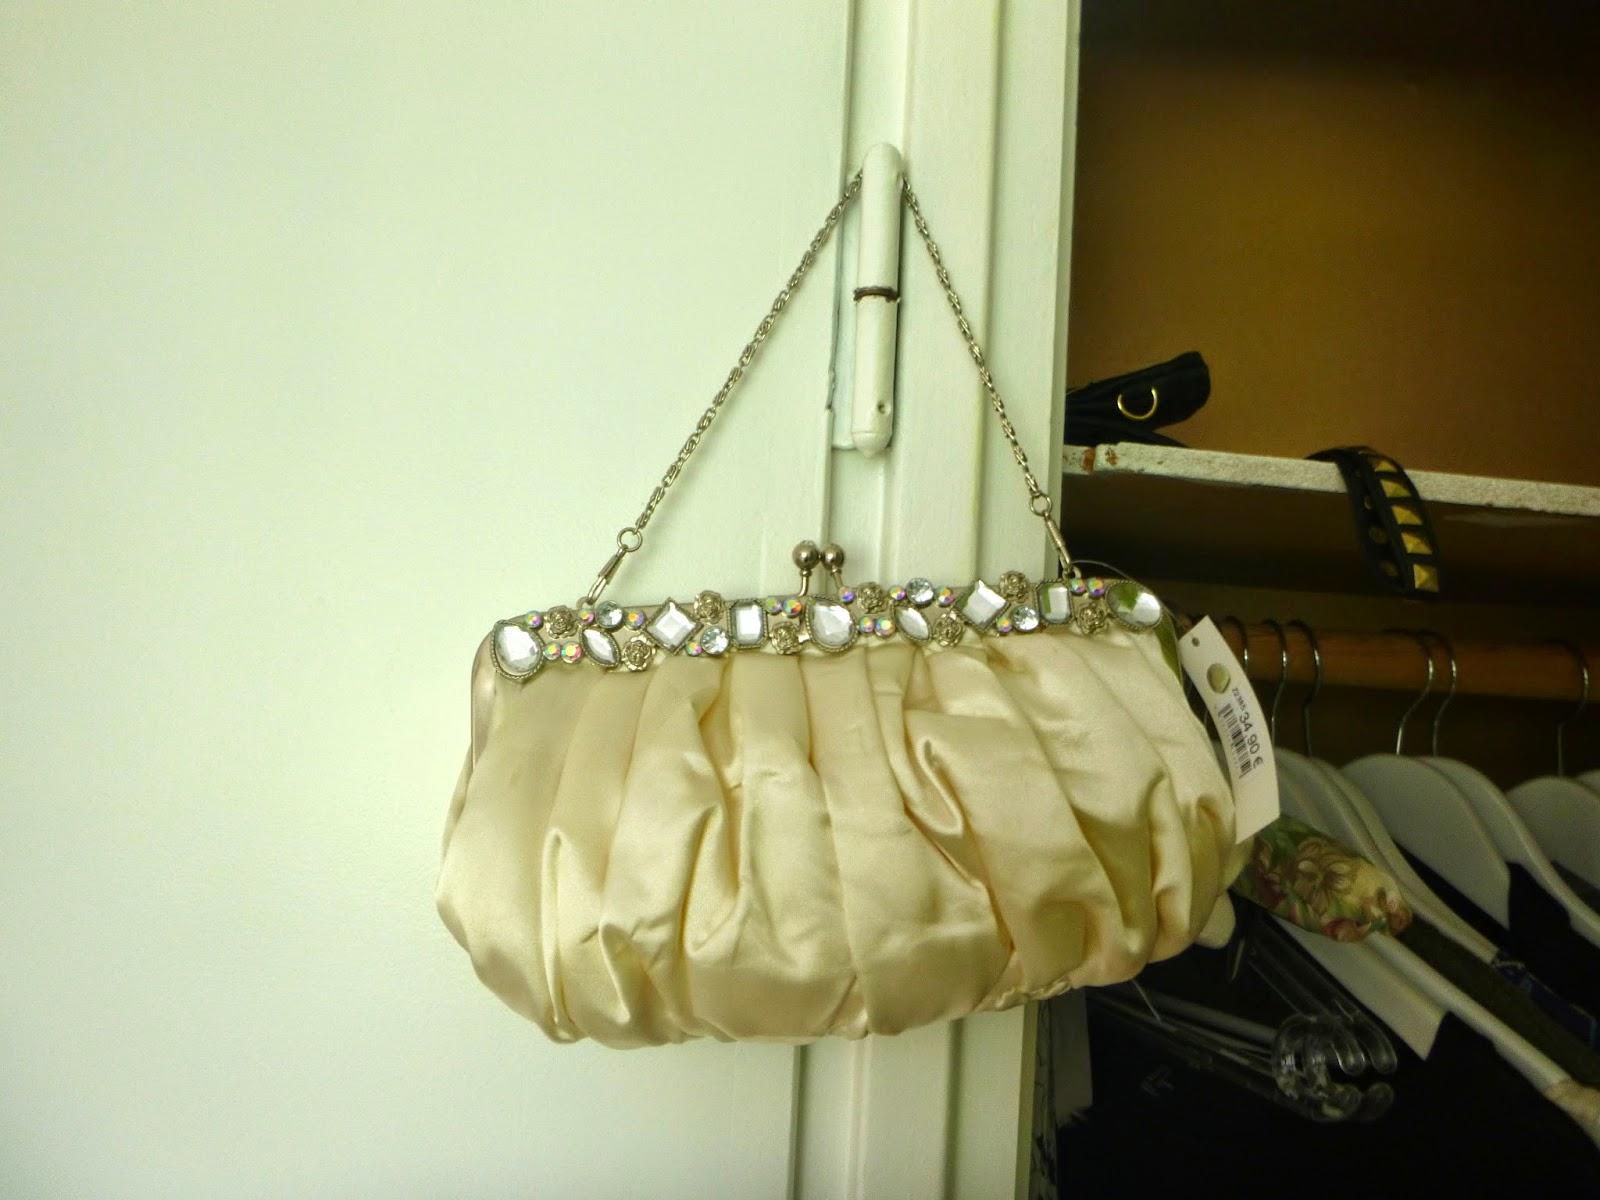 Millainen Laukku Festareille : Piece of wedding cake laukku h??p?iv?n? millainen ja